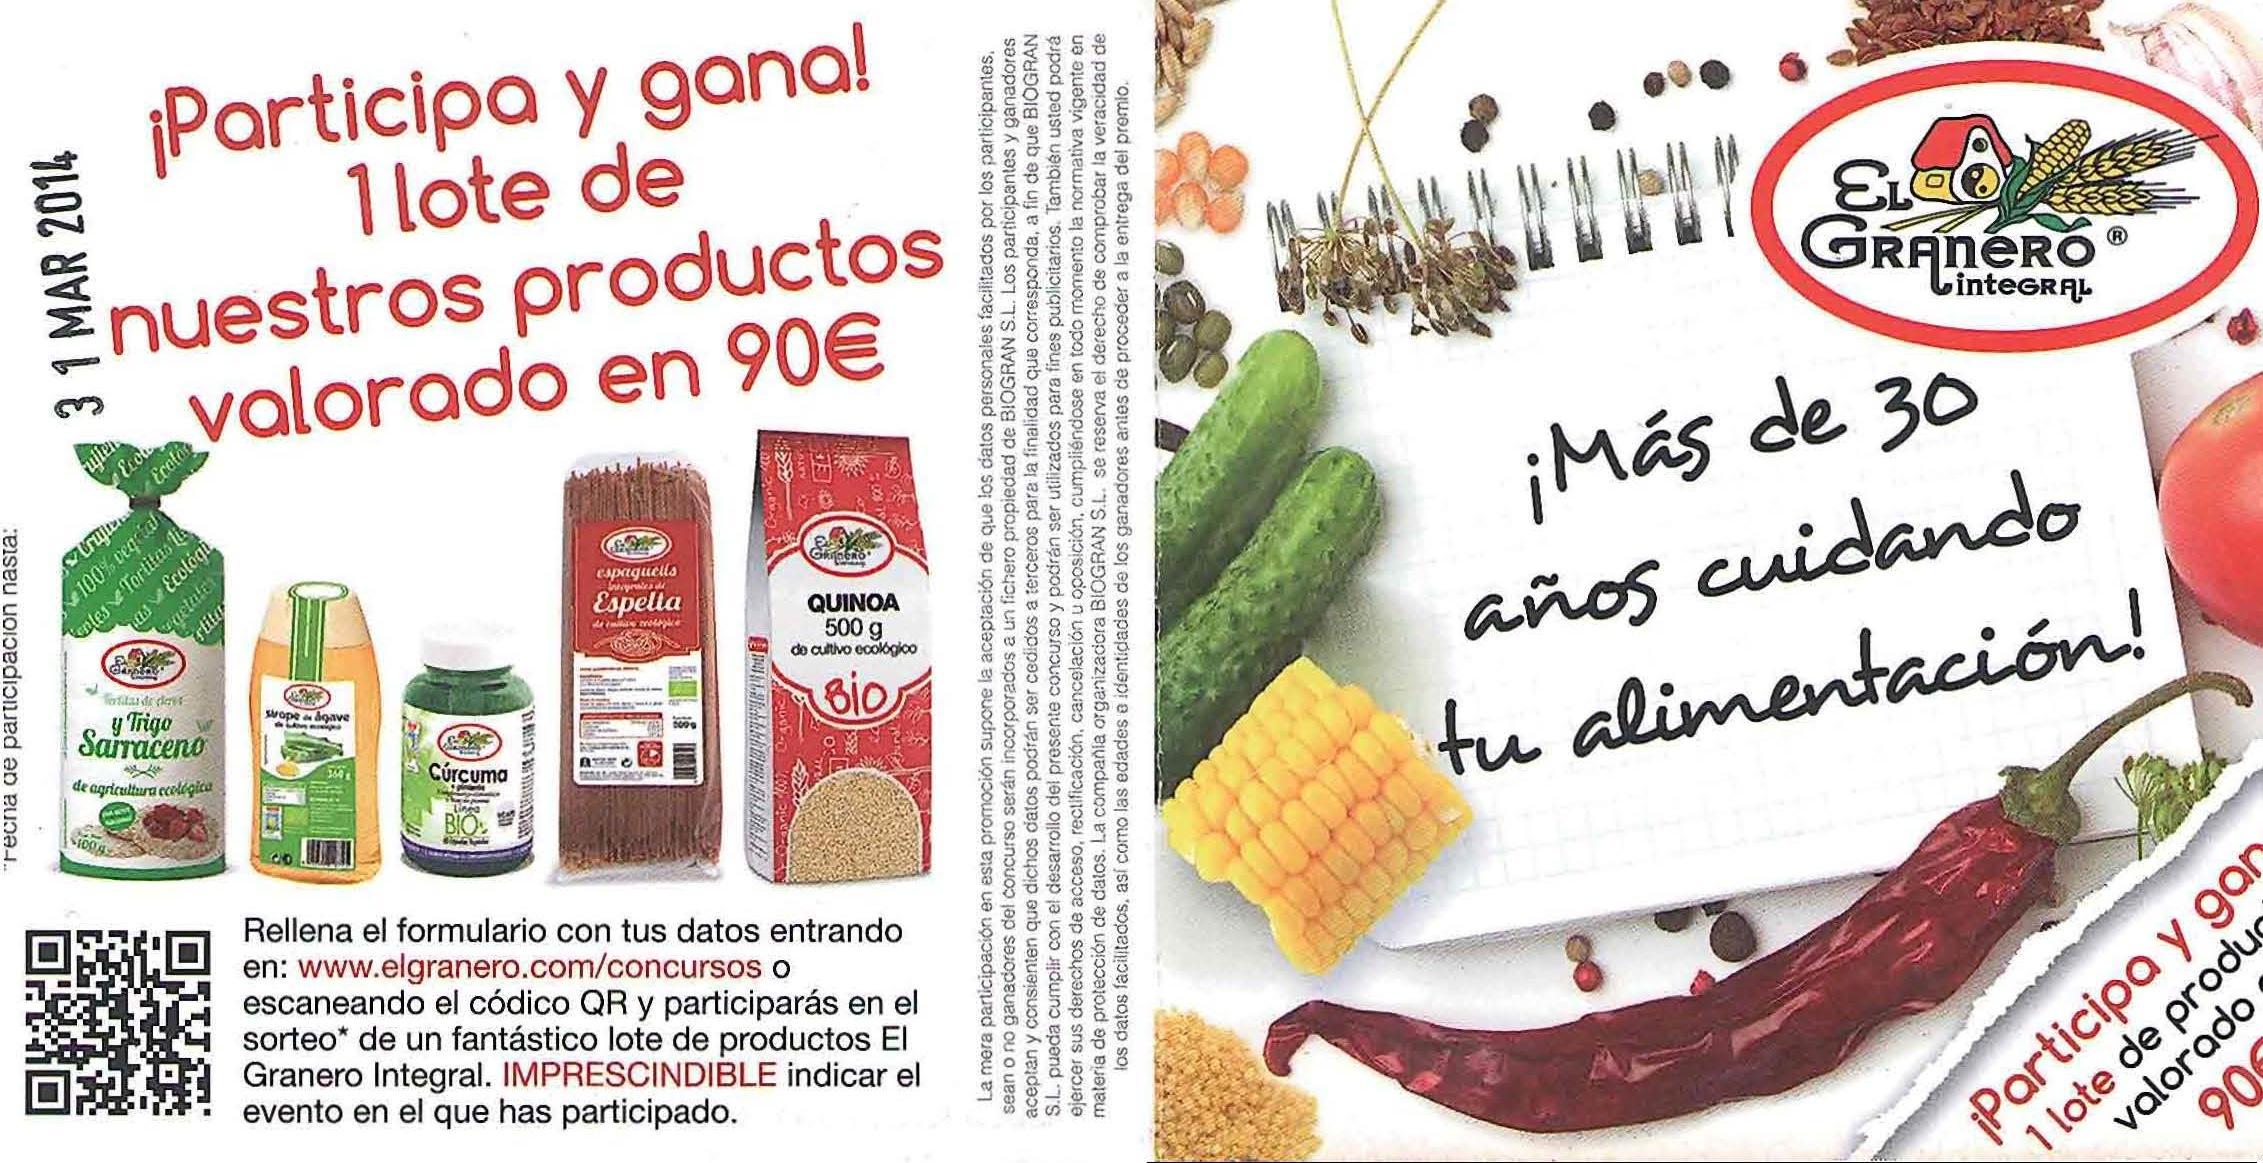 promocion1 el_granero_integral ASACO febrero 2014